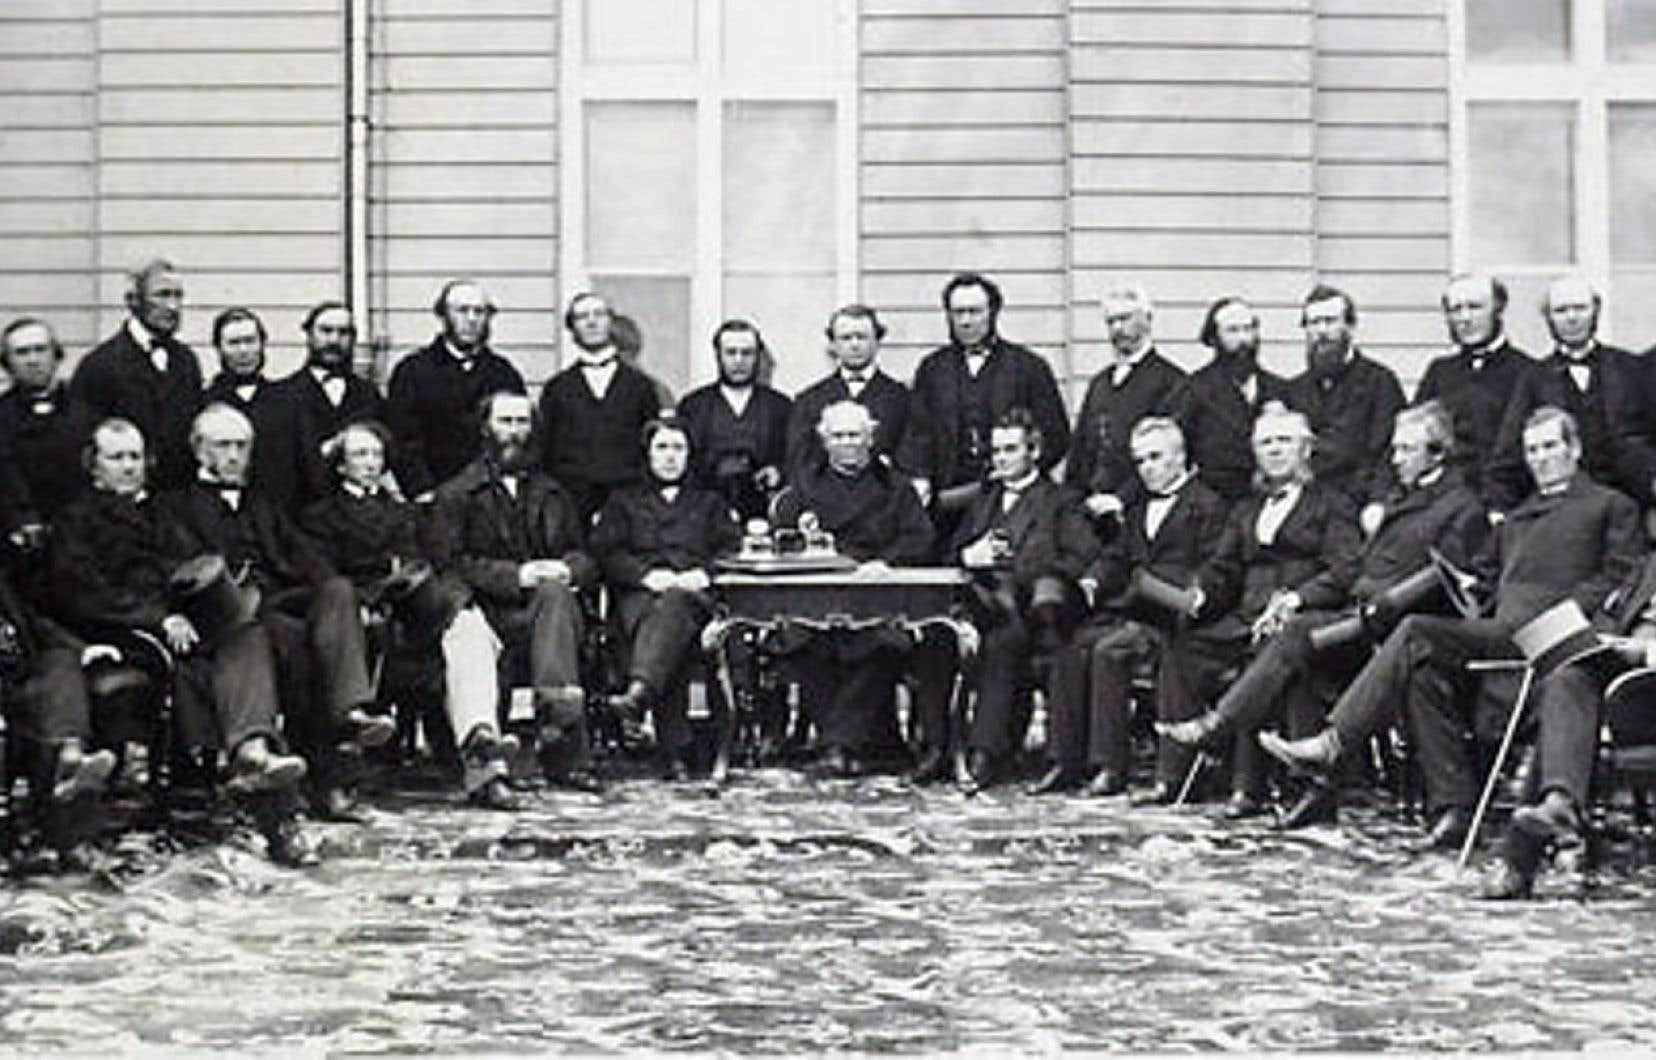 Les opposants à l'unification politique des colonies britanniques de l'Amérique du Nord souhaitaient un développement de l'économie basé sur l'axe nord-sud plutôt que sur l'axe est-ouest. Ici, les délégués de la Conférence de Québec, le 27 octobre 1864.